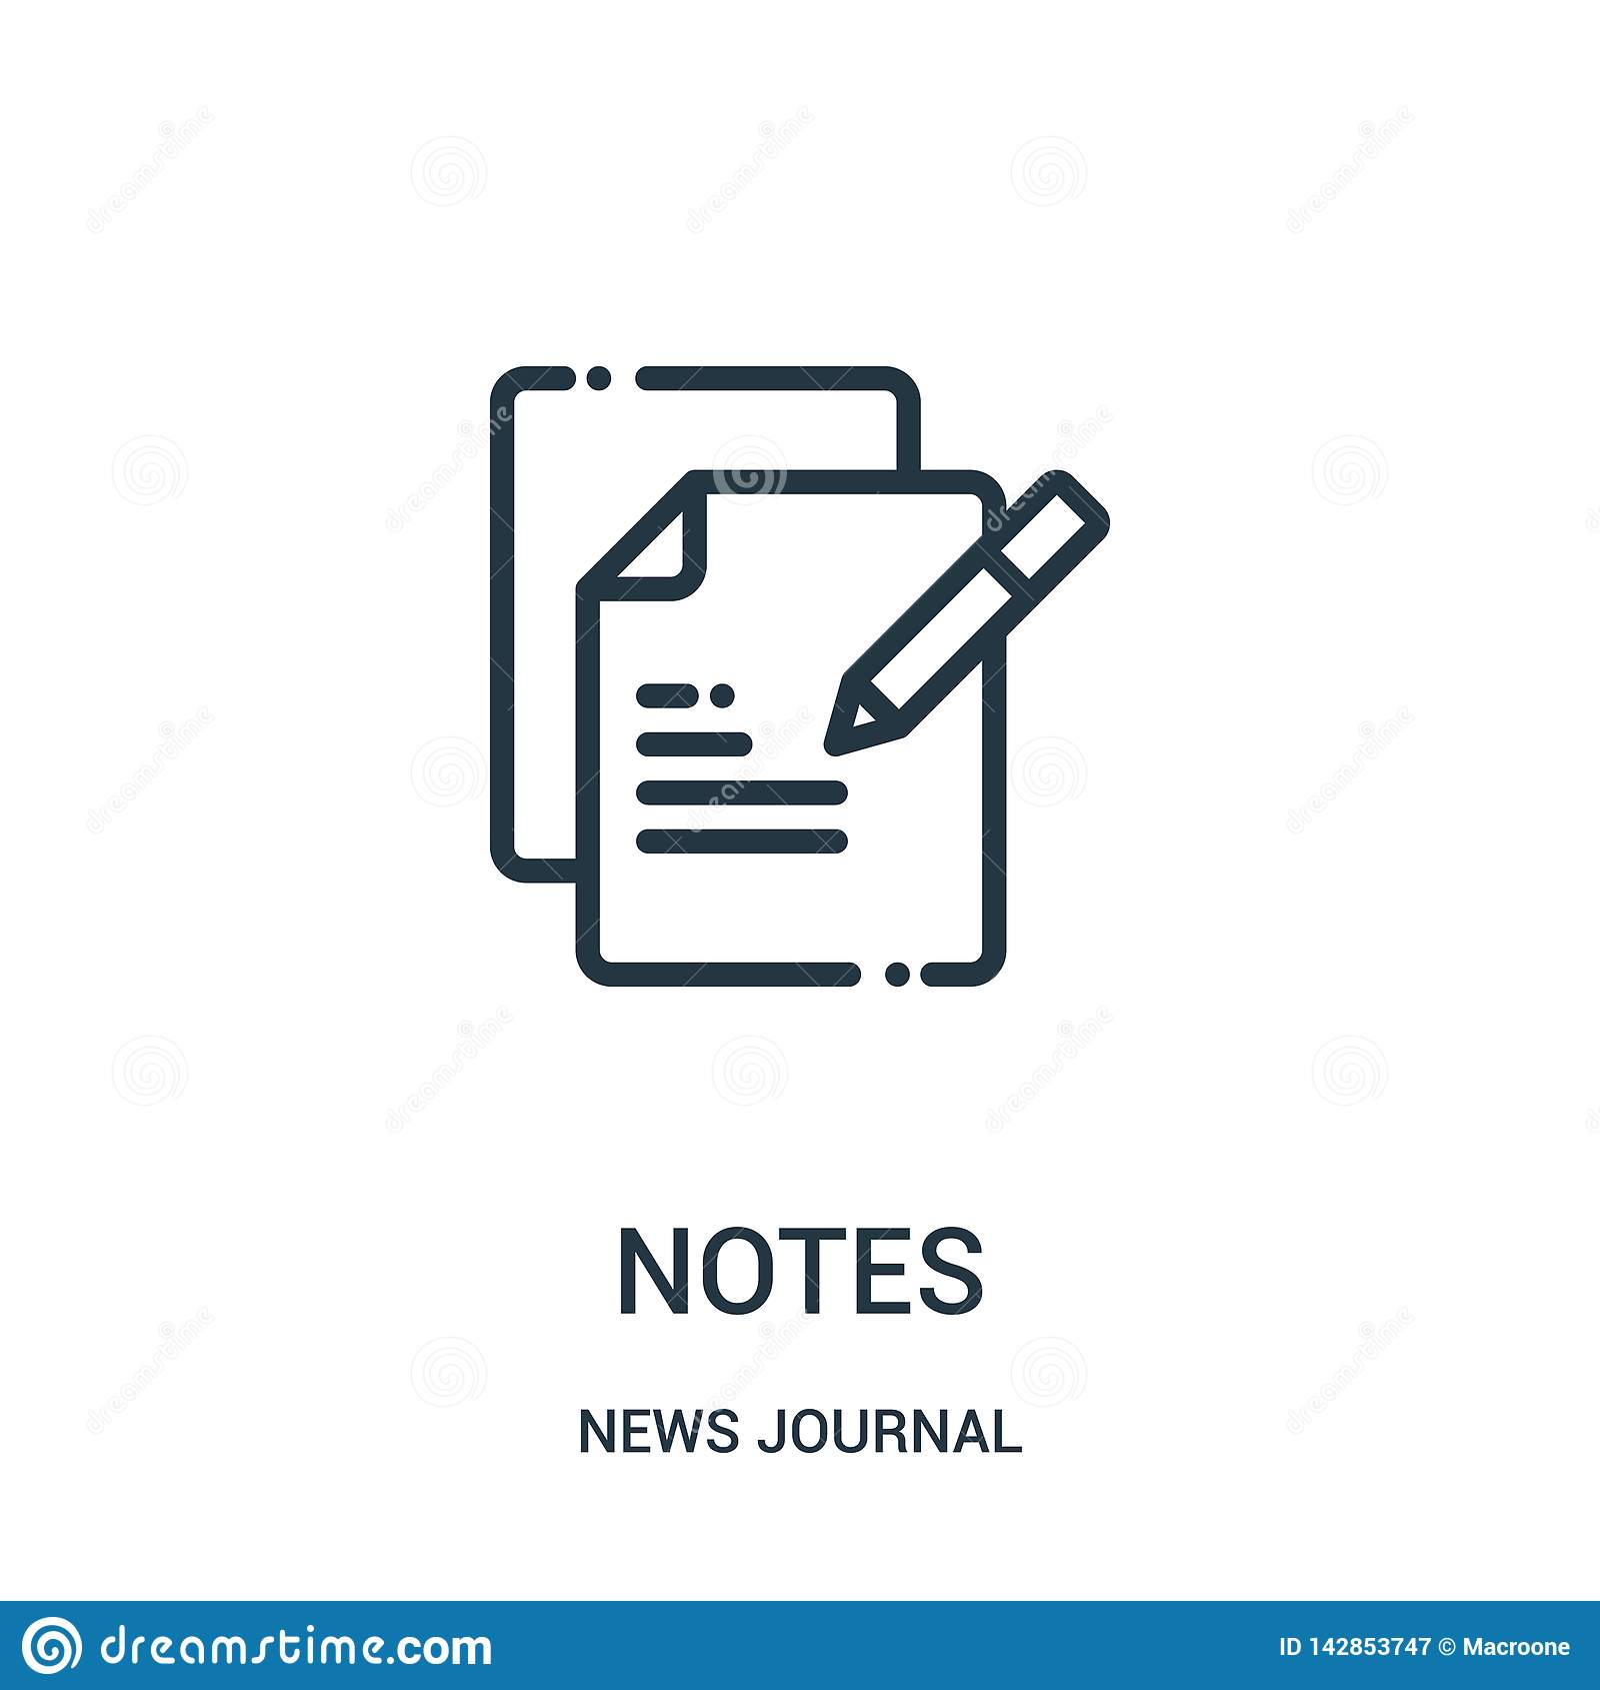 Vetor do ícone das notas da coleção do jornal da notícia A linha fina nota a ilustração do vetor do ícone do esboço Símbolo linea